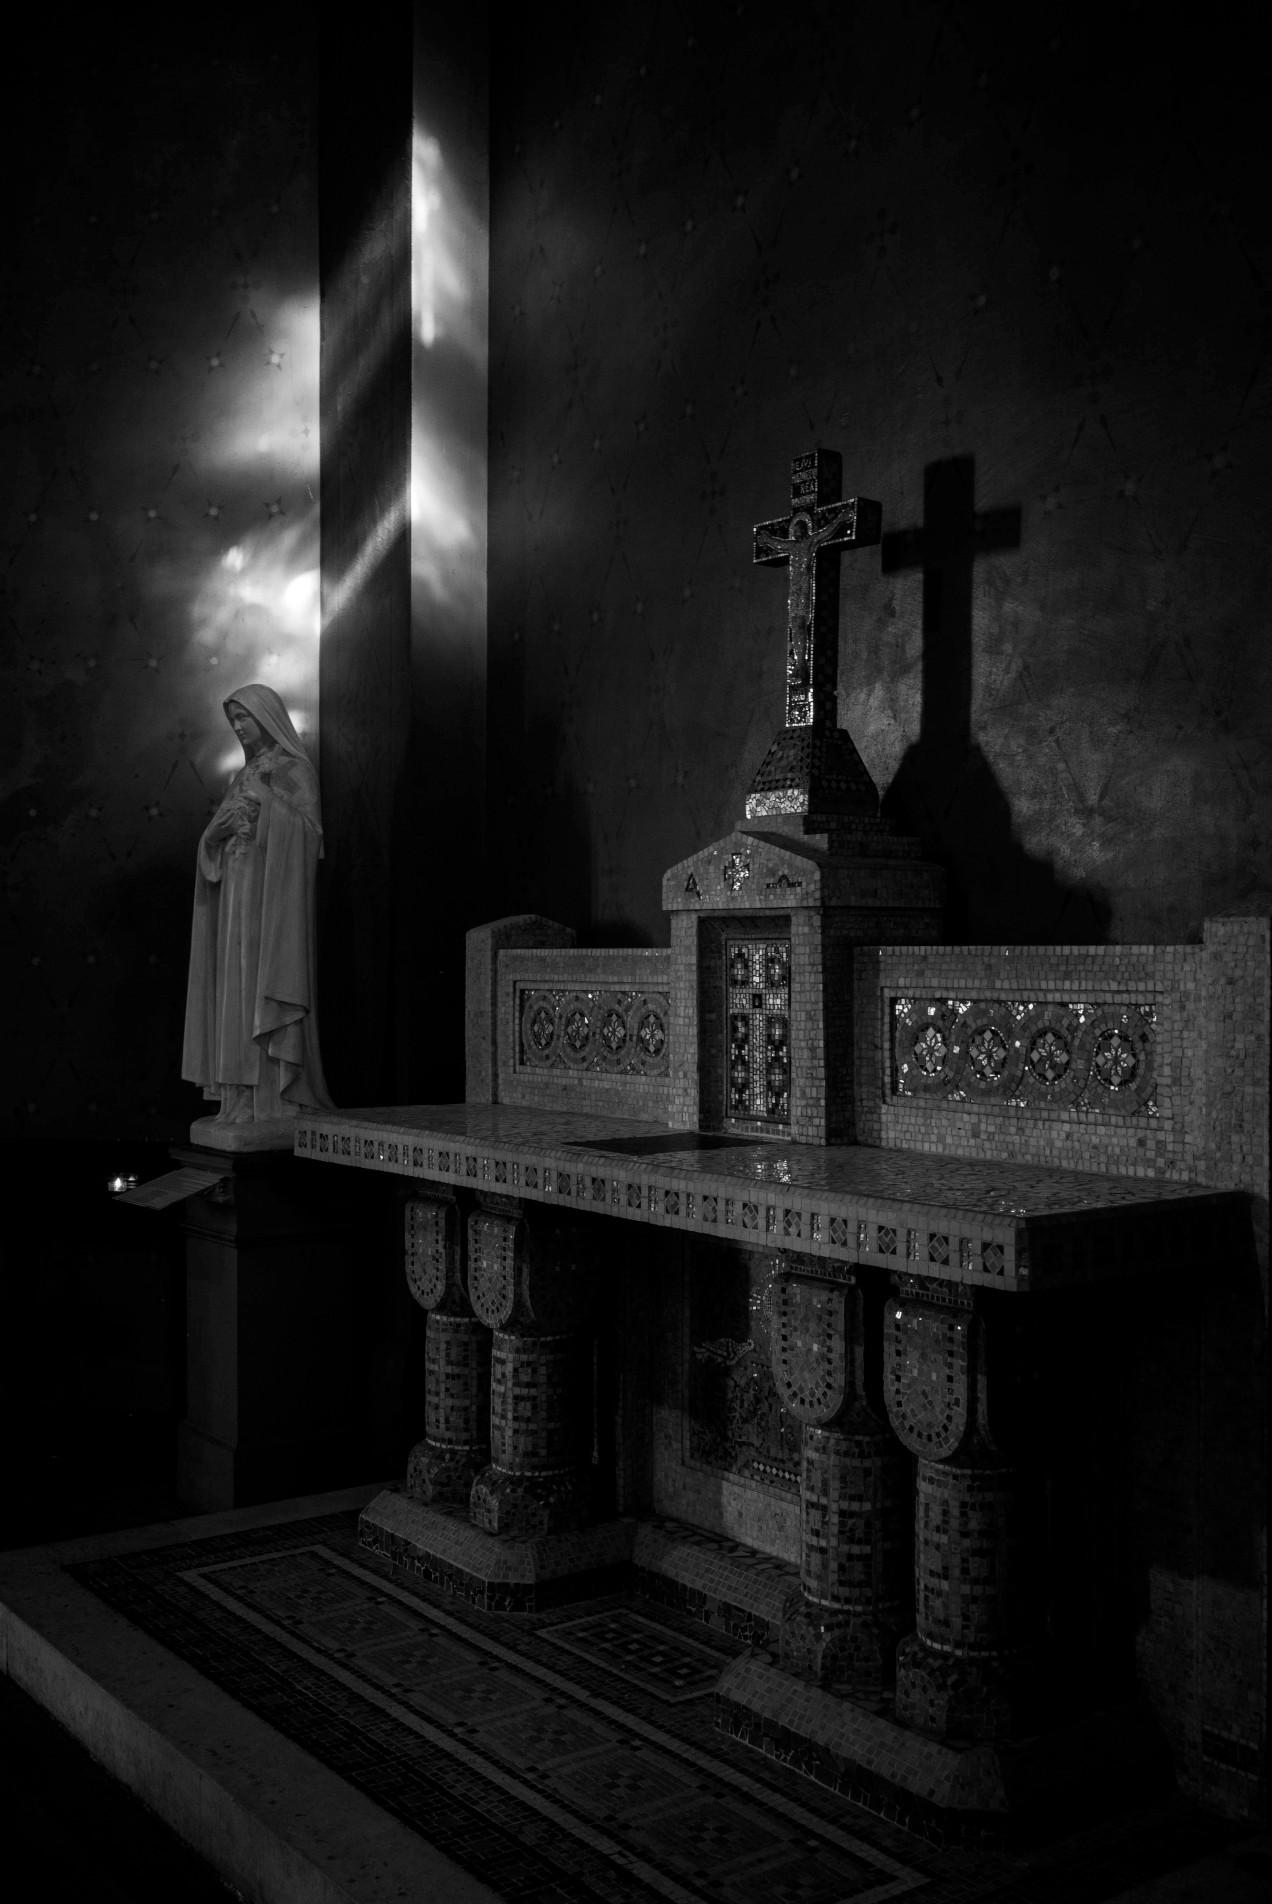 L'autel de la vierge Marie, Saint-Jean de Montmartre, Paris, gildalliere, 2019